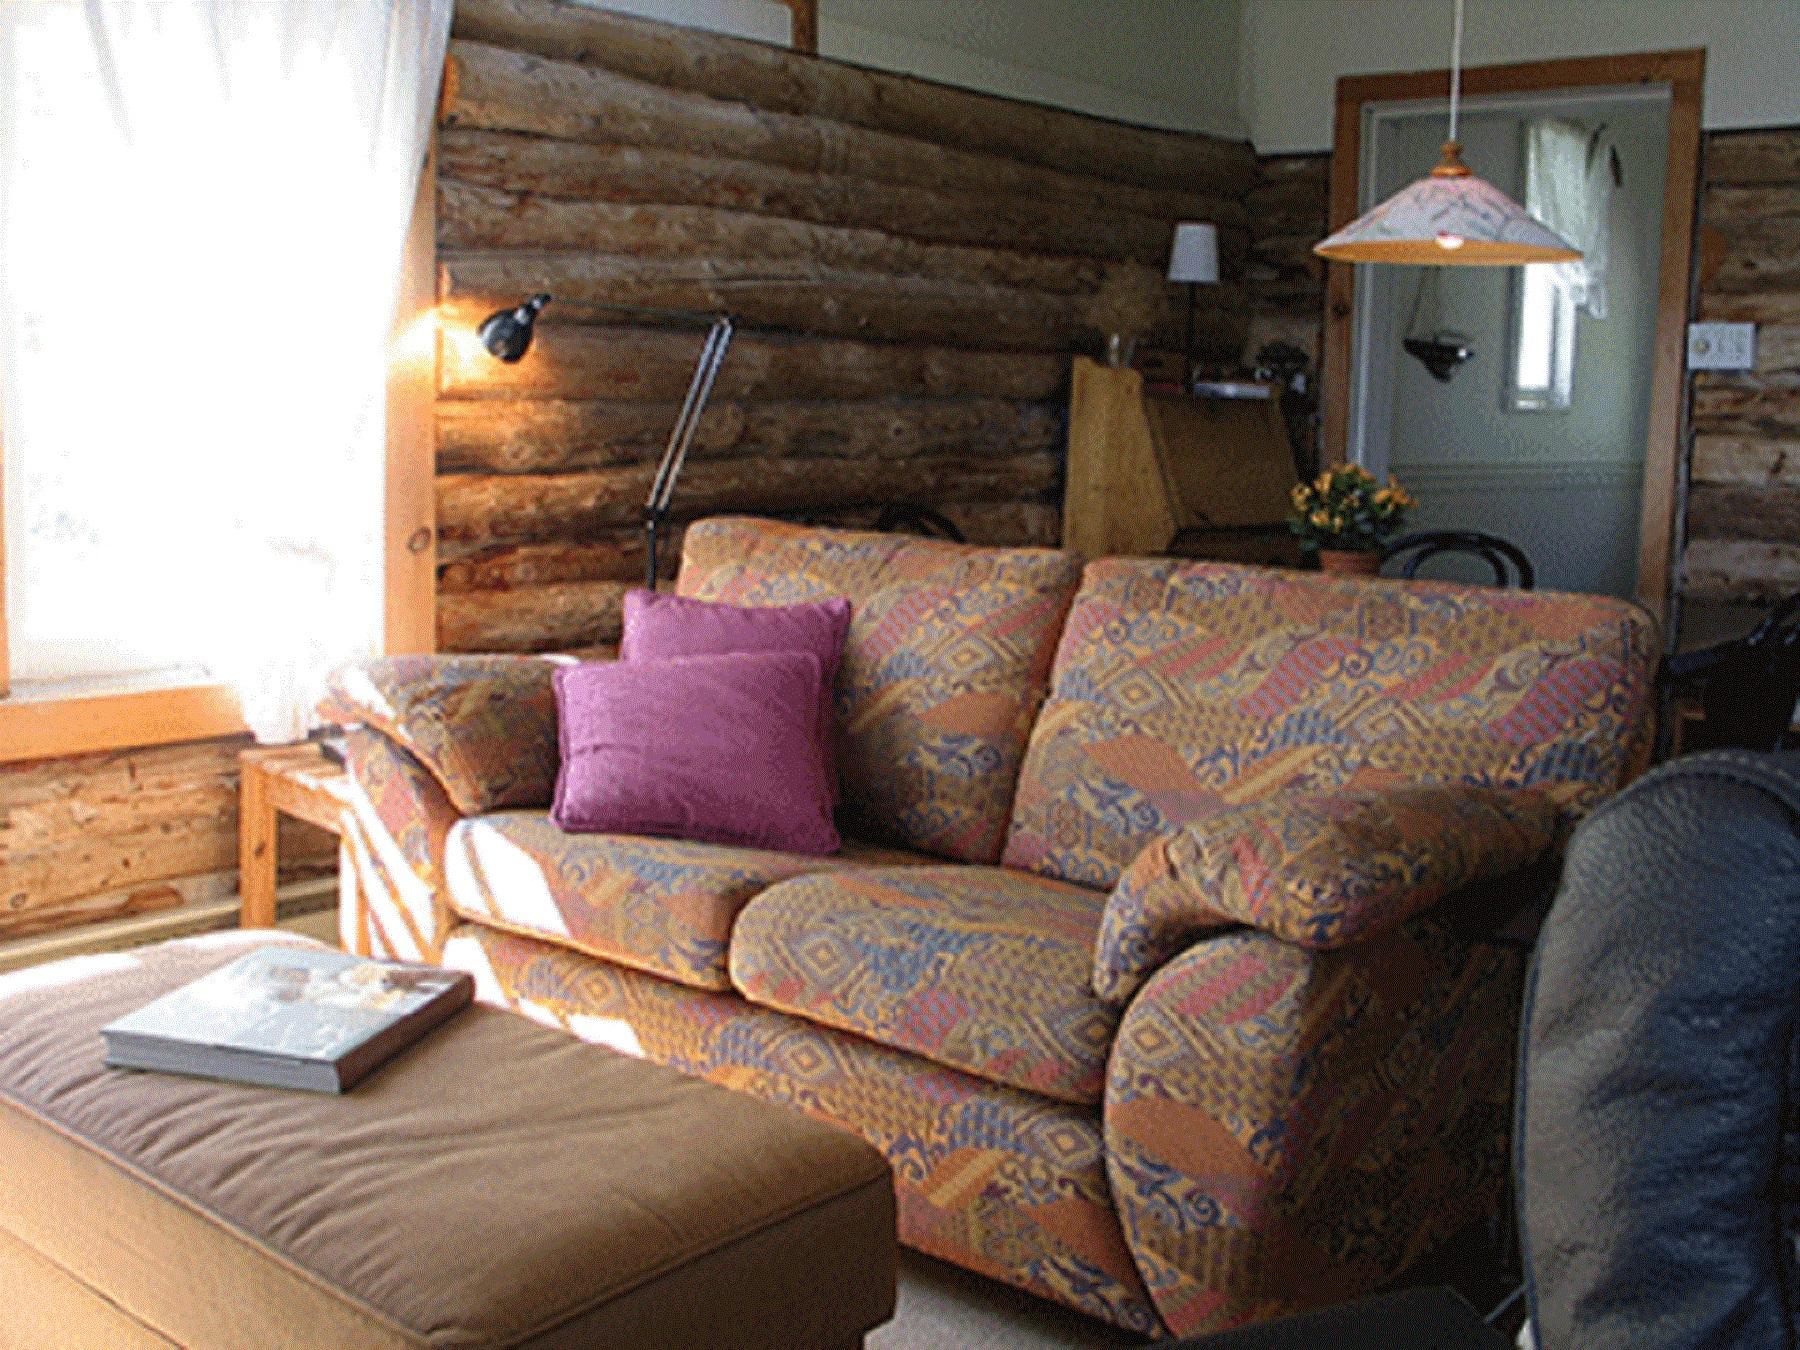 le waterfront qc scandinave petite rivi cottage canada for rentals fran ois re charlevoix chalets chemin saint josaphat cottages en rent